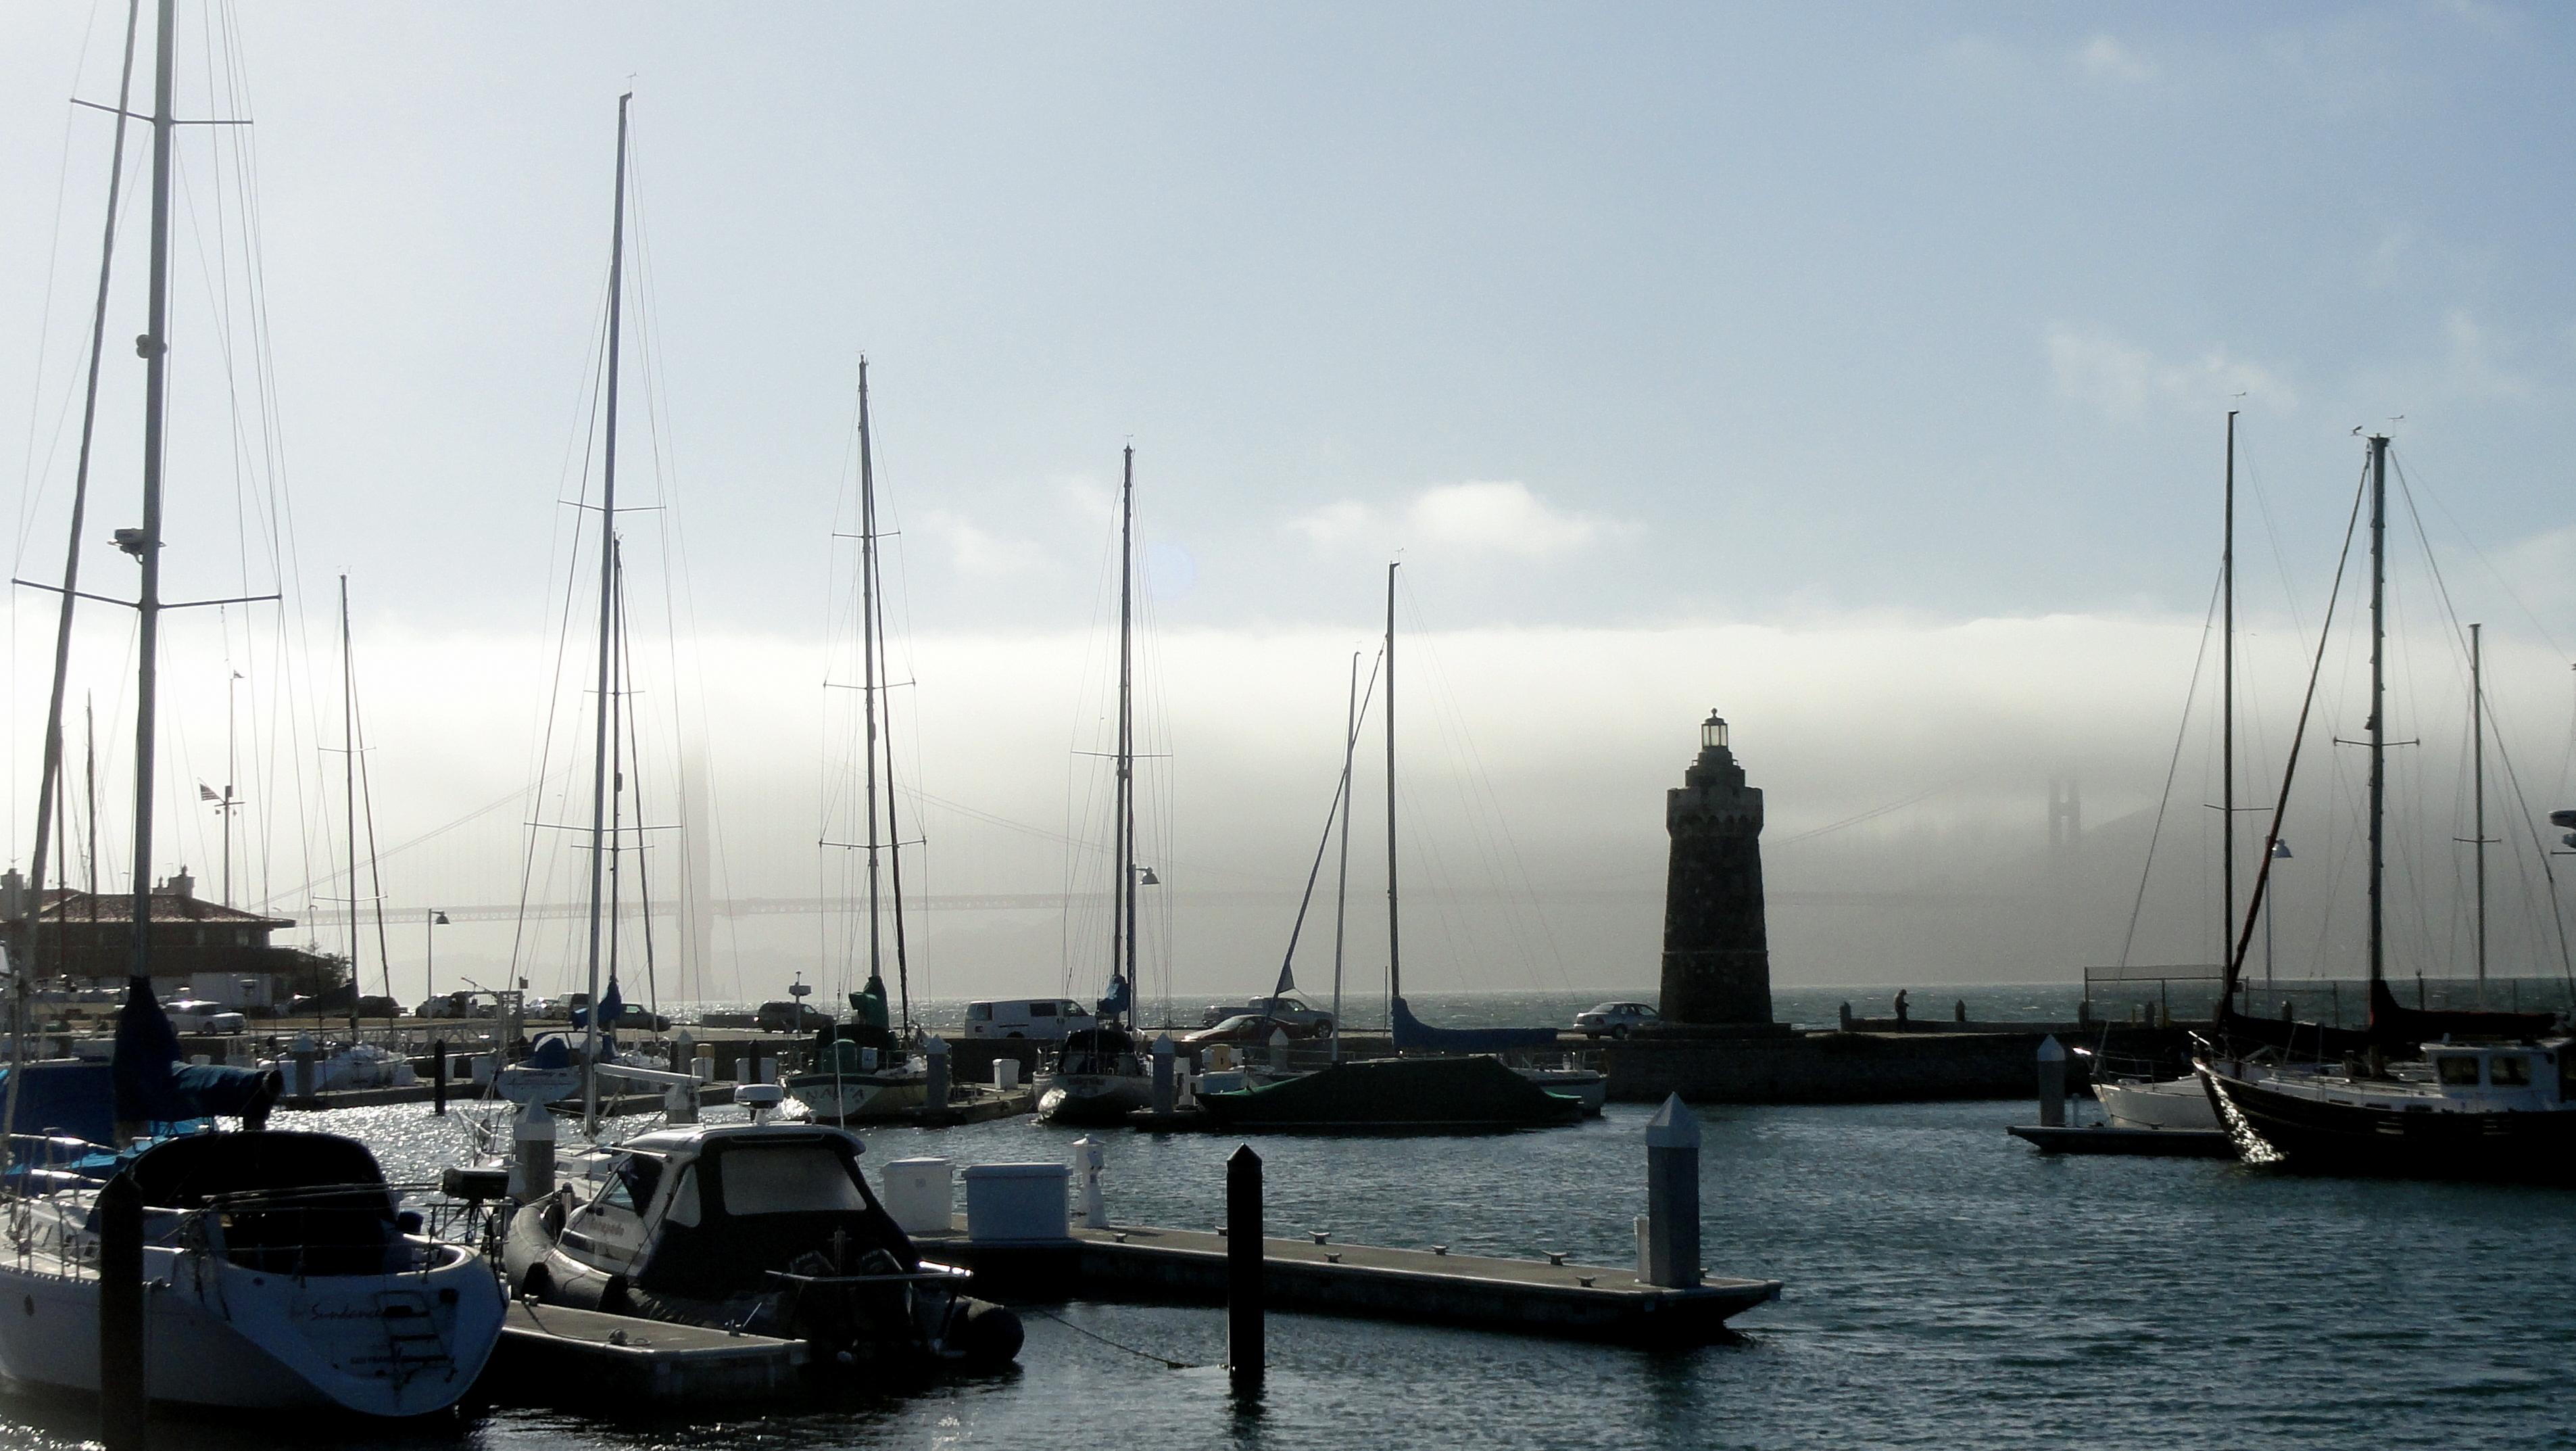 GGB & Lighthouse at Marina